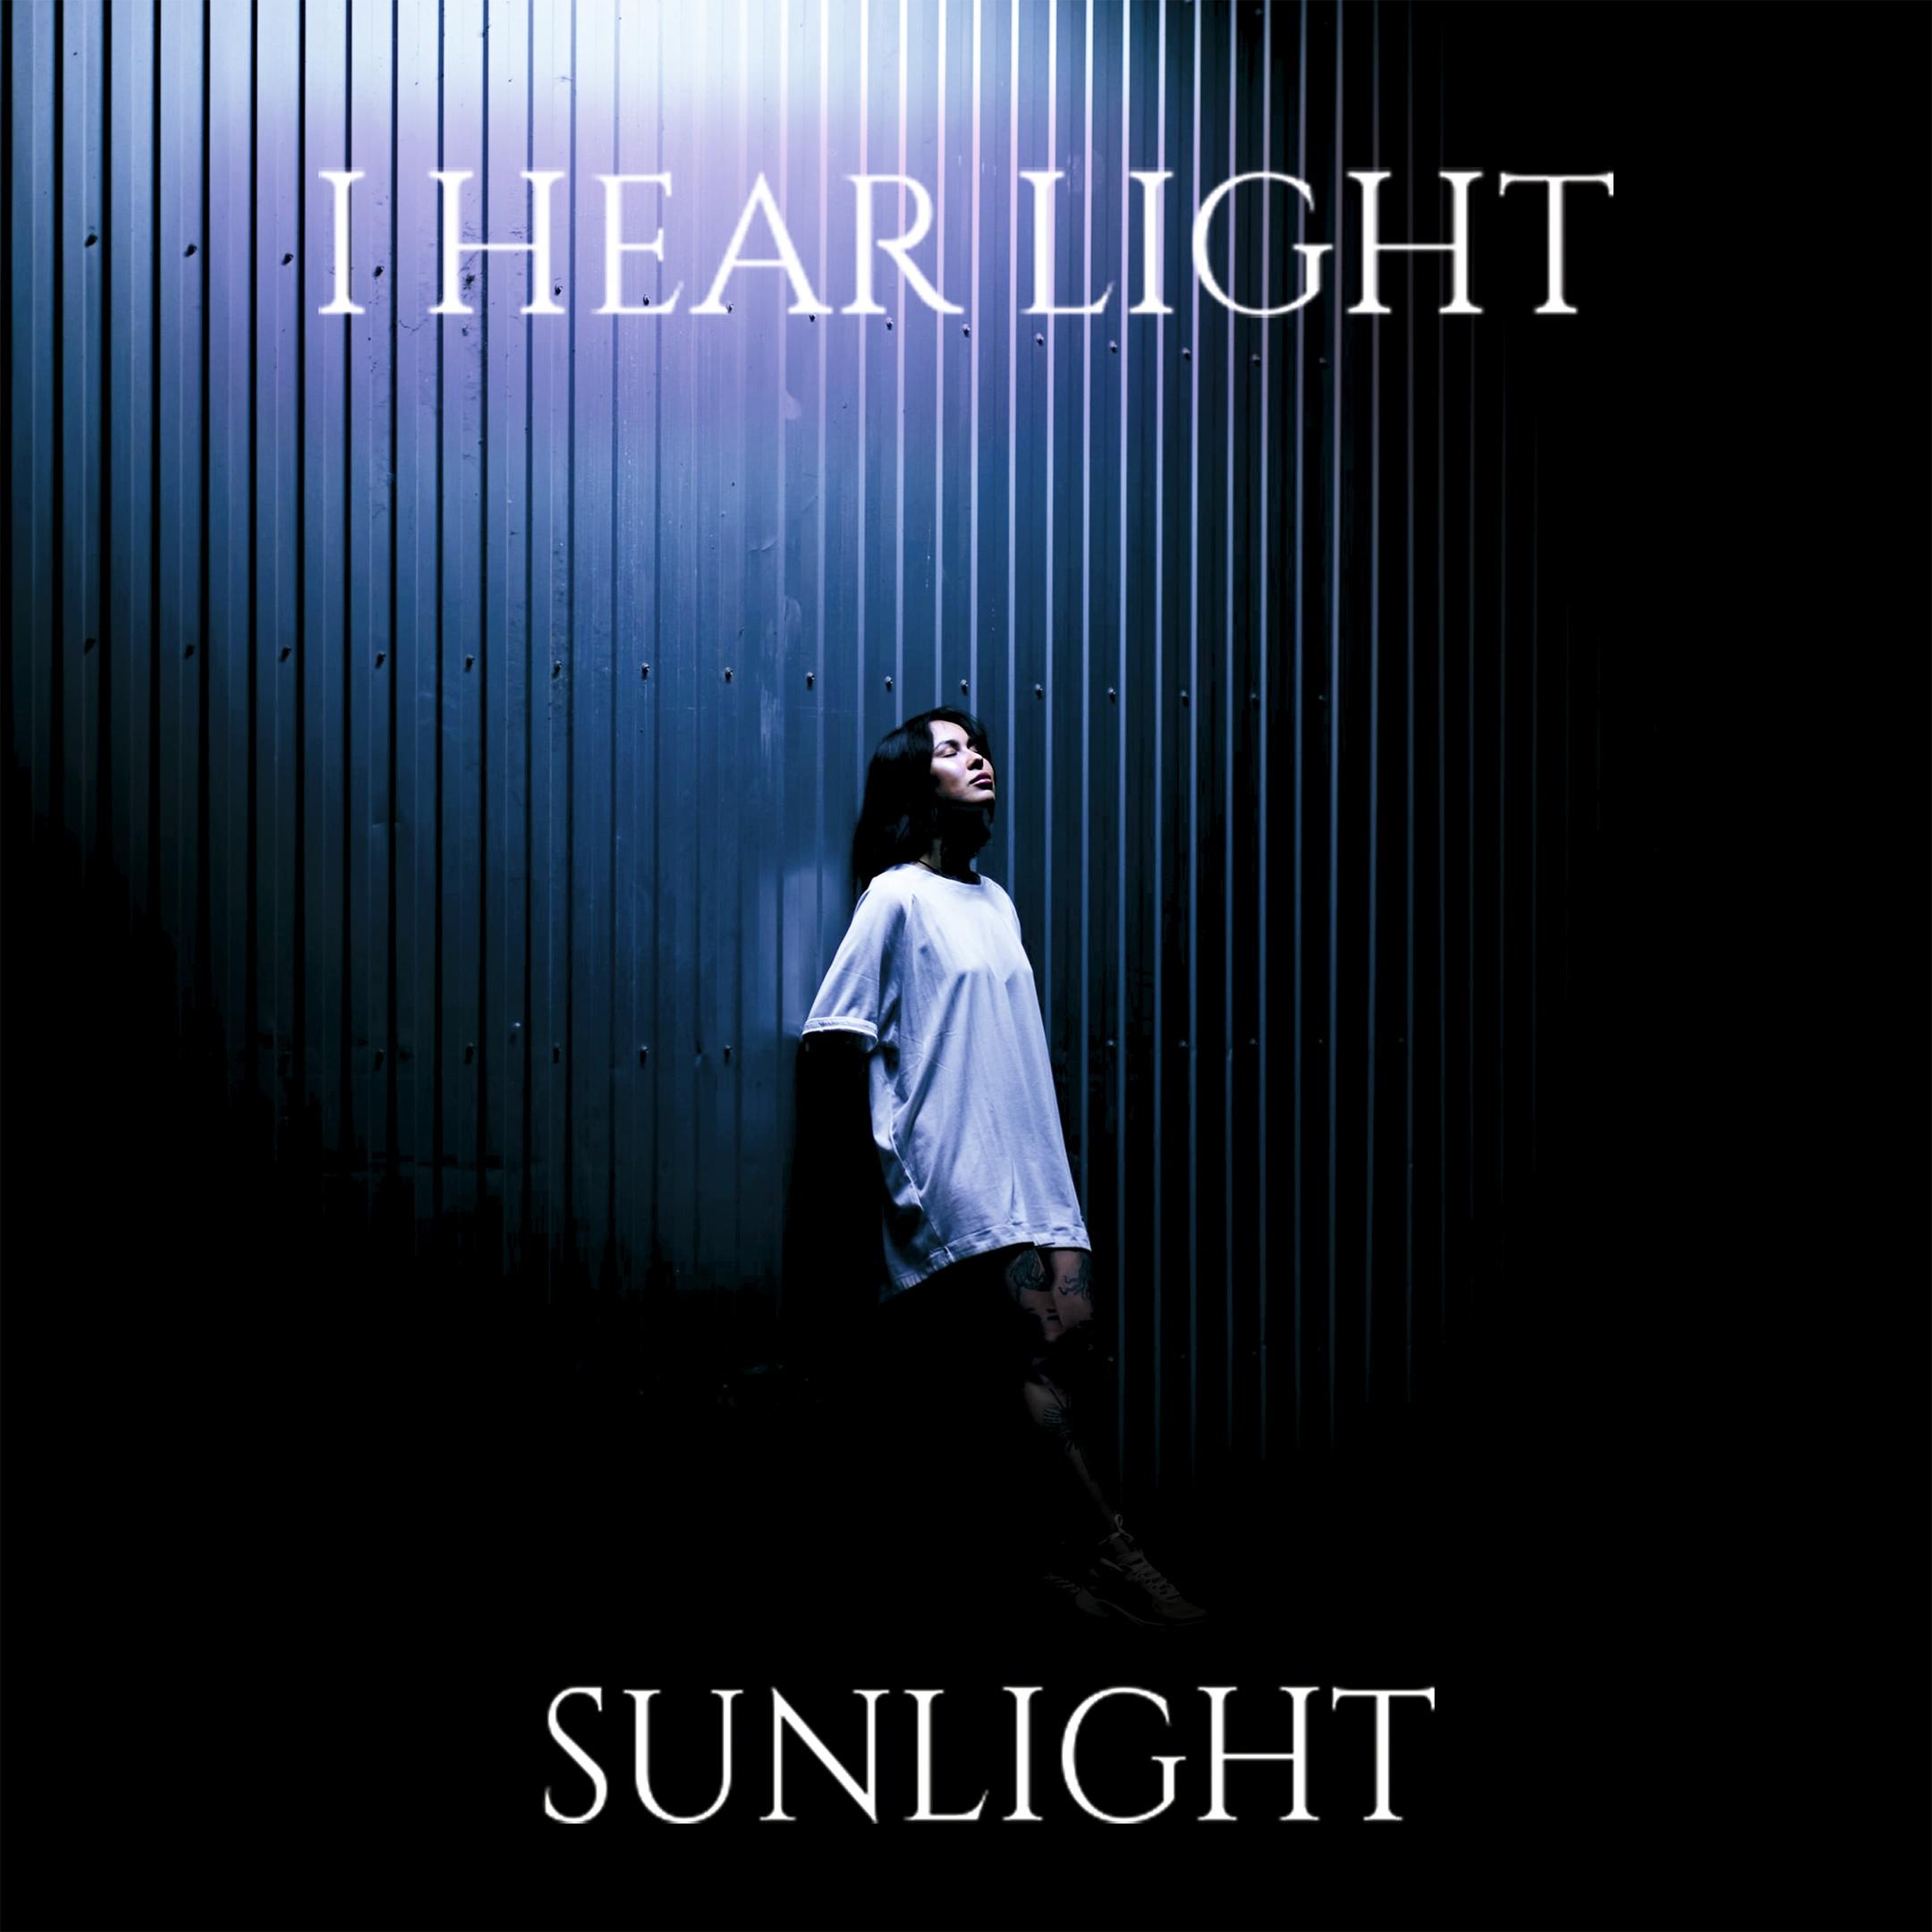 I Hear Light - Sunlight [single] (2020)